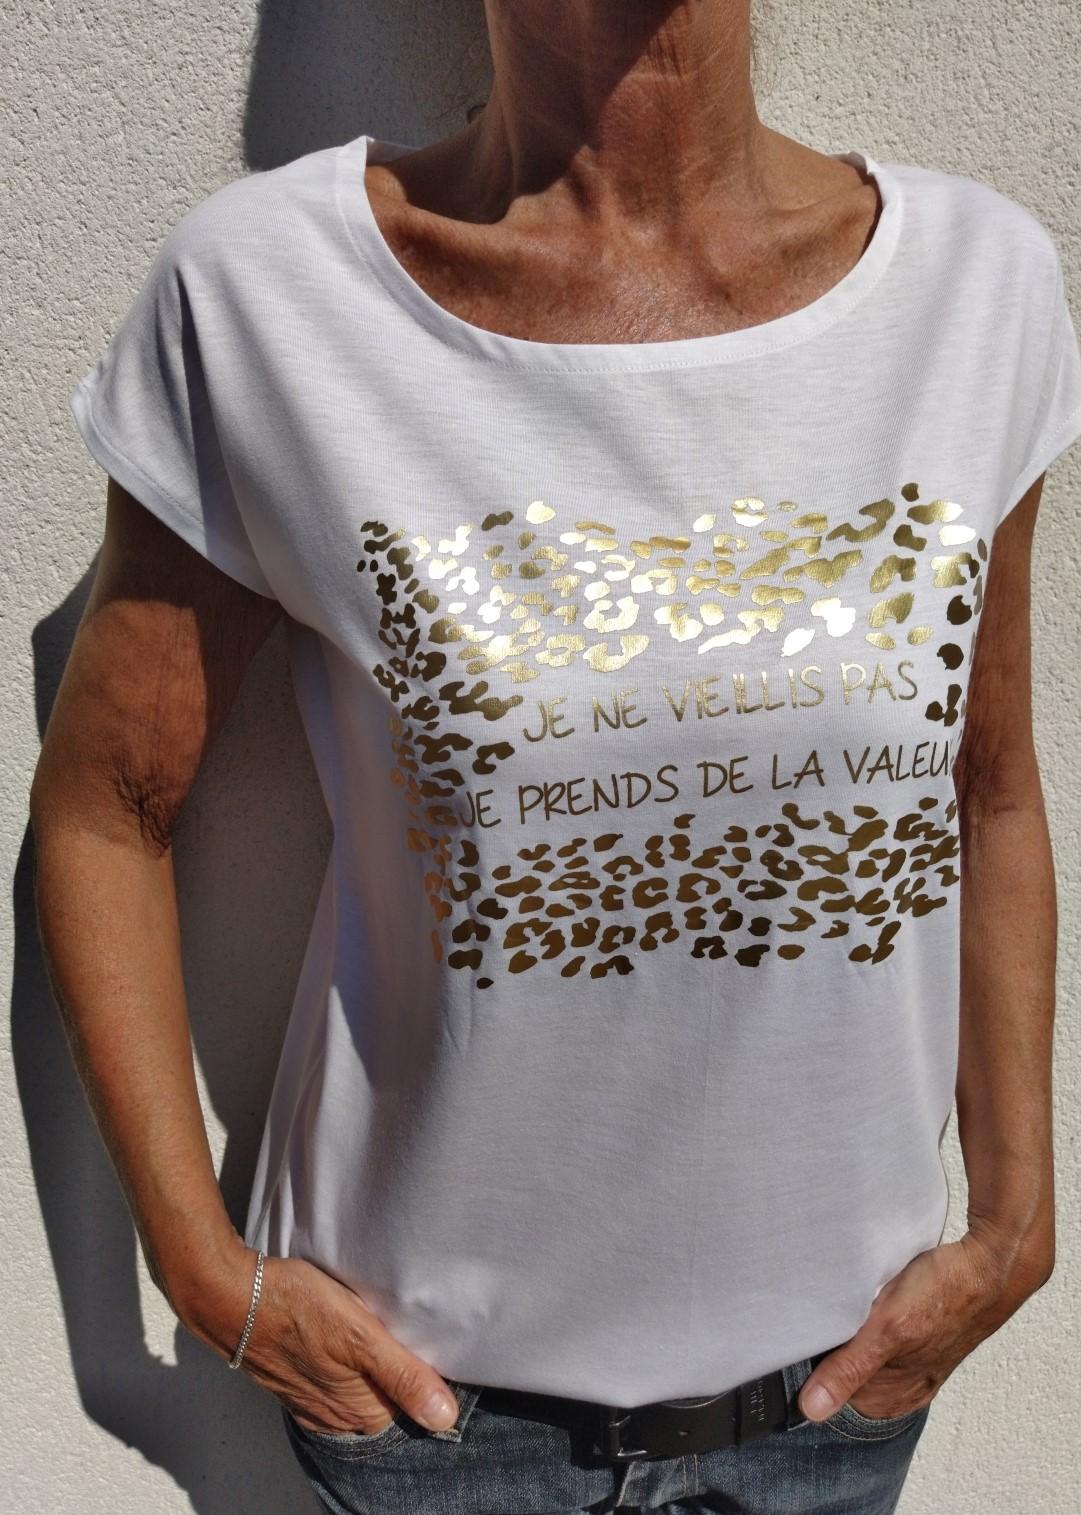 Tee shirt blanc N°55 je ne vieillis pas je prends de la valeur